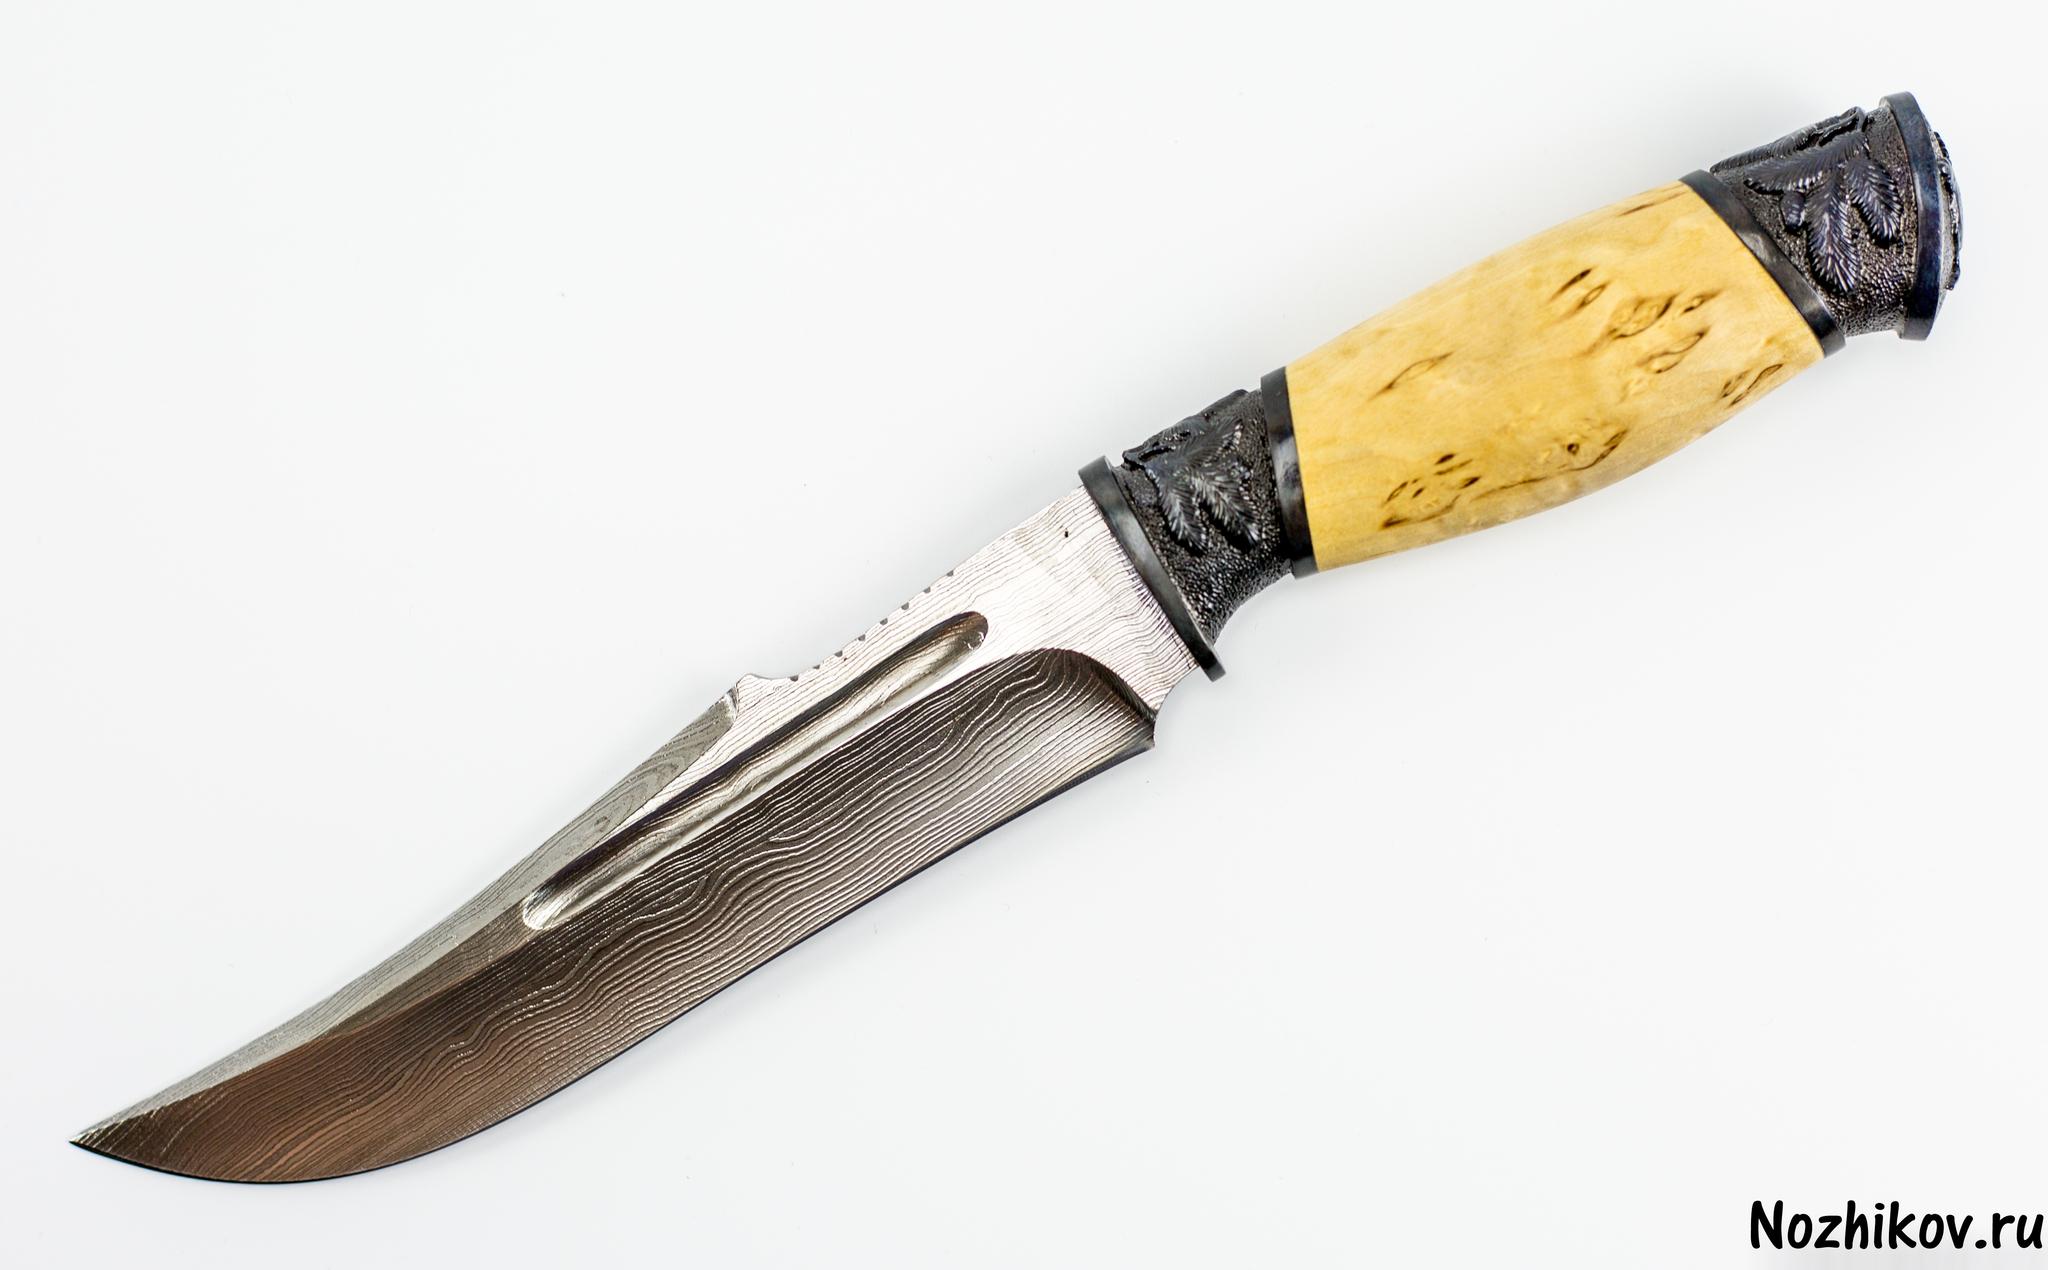 Авторский Нож из Дамаска №23, КизлярНожи Кизляр<br><br>